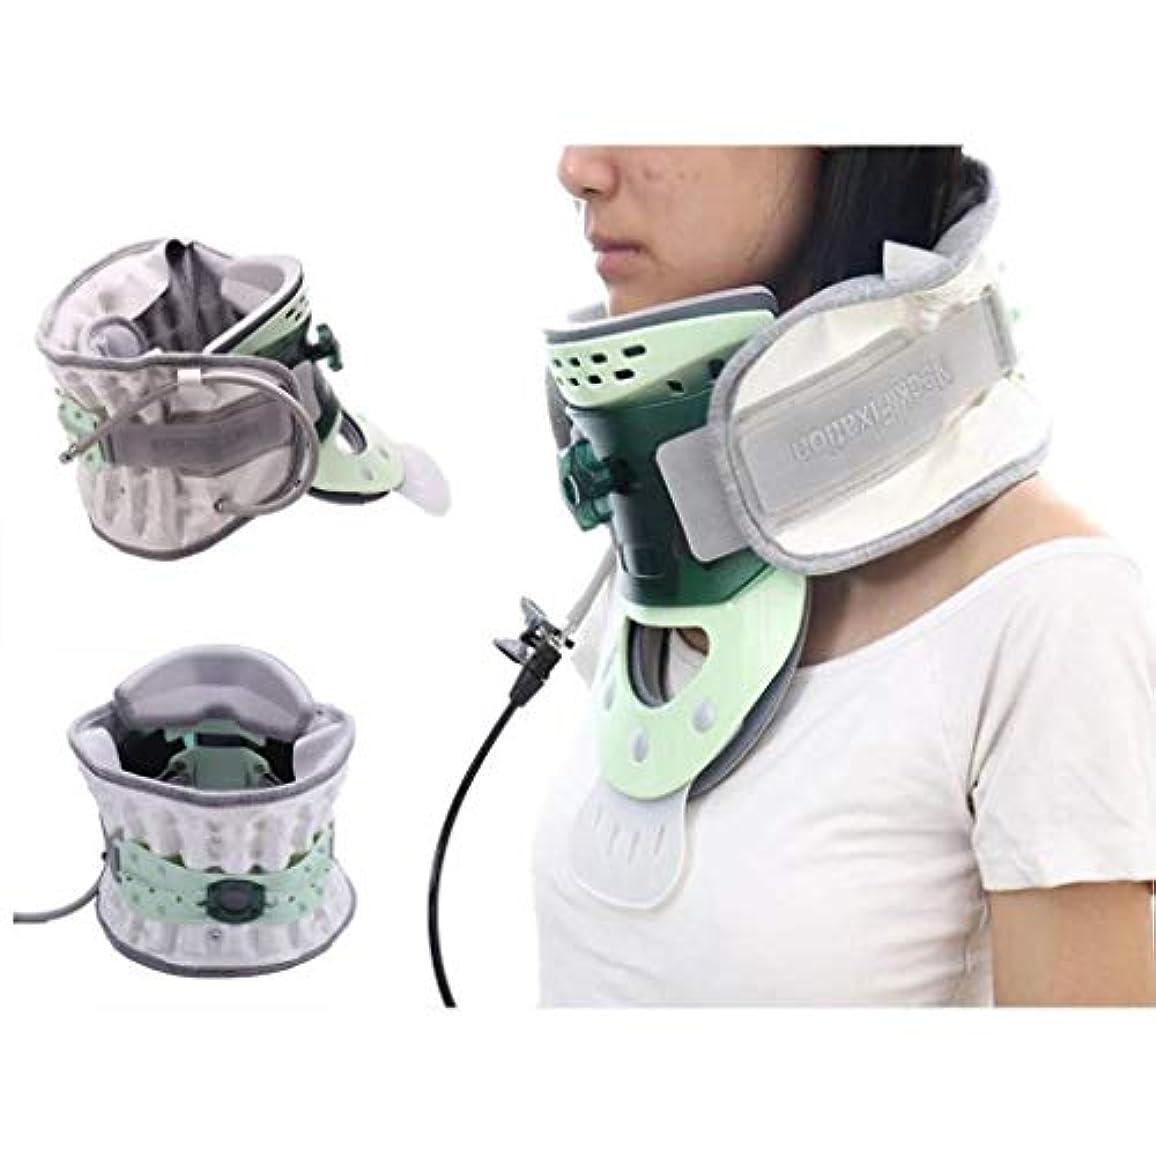 つぶやき受粉するプロペラ首の痛みや頸椎症の人に適したインフレータブル頸椎トラクター、首牽引装置、家の保護頸椎矯正器具